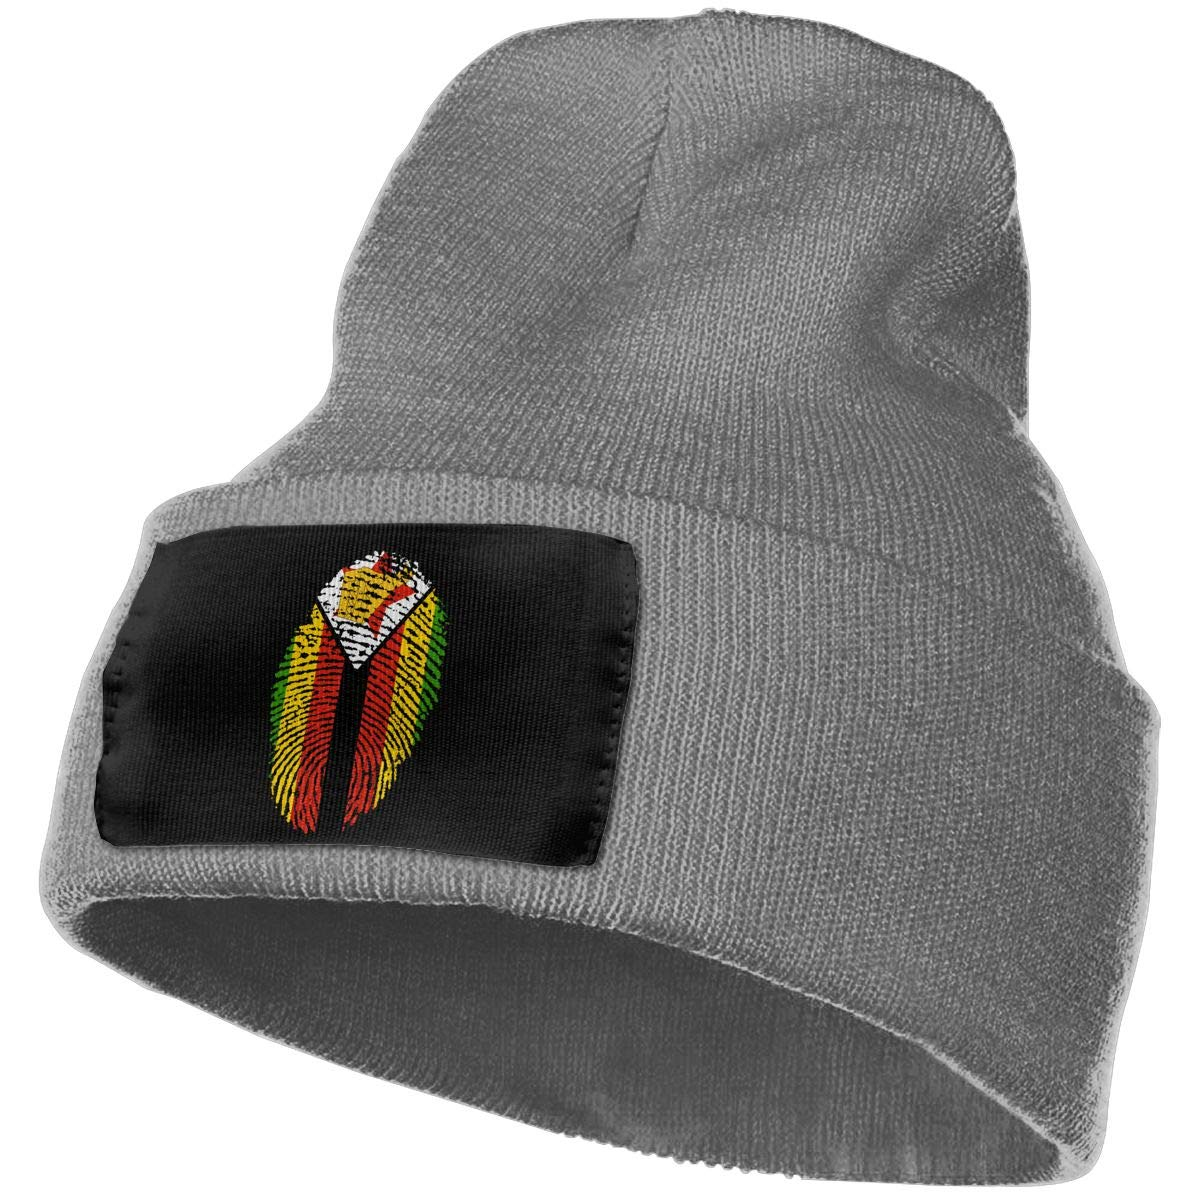 SLADDD1 Zimbabwe Warm Winter Hat Knit Beanie Skull Cap Cuff Beanie Hat Winter Hats for Men /& Women